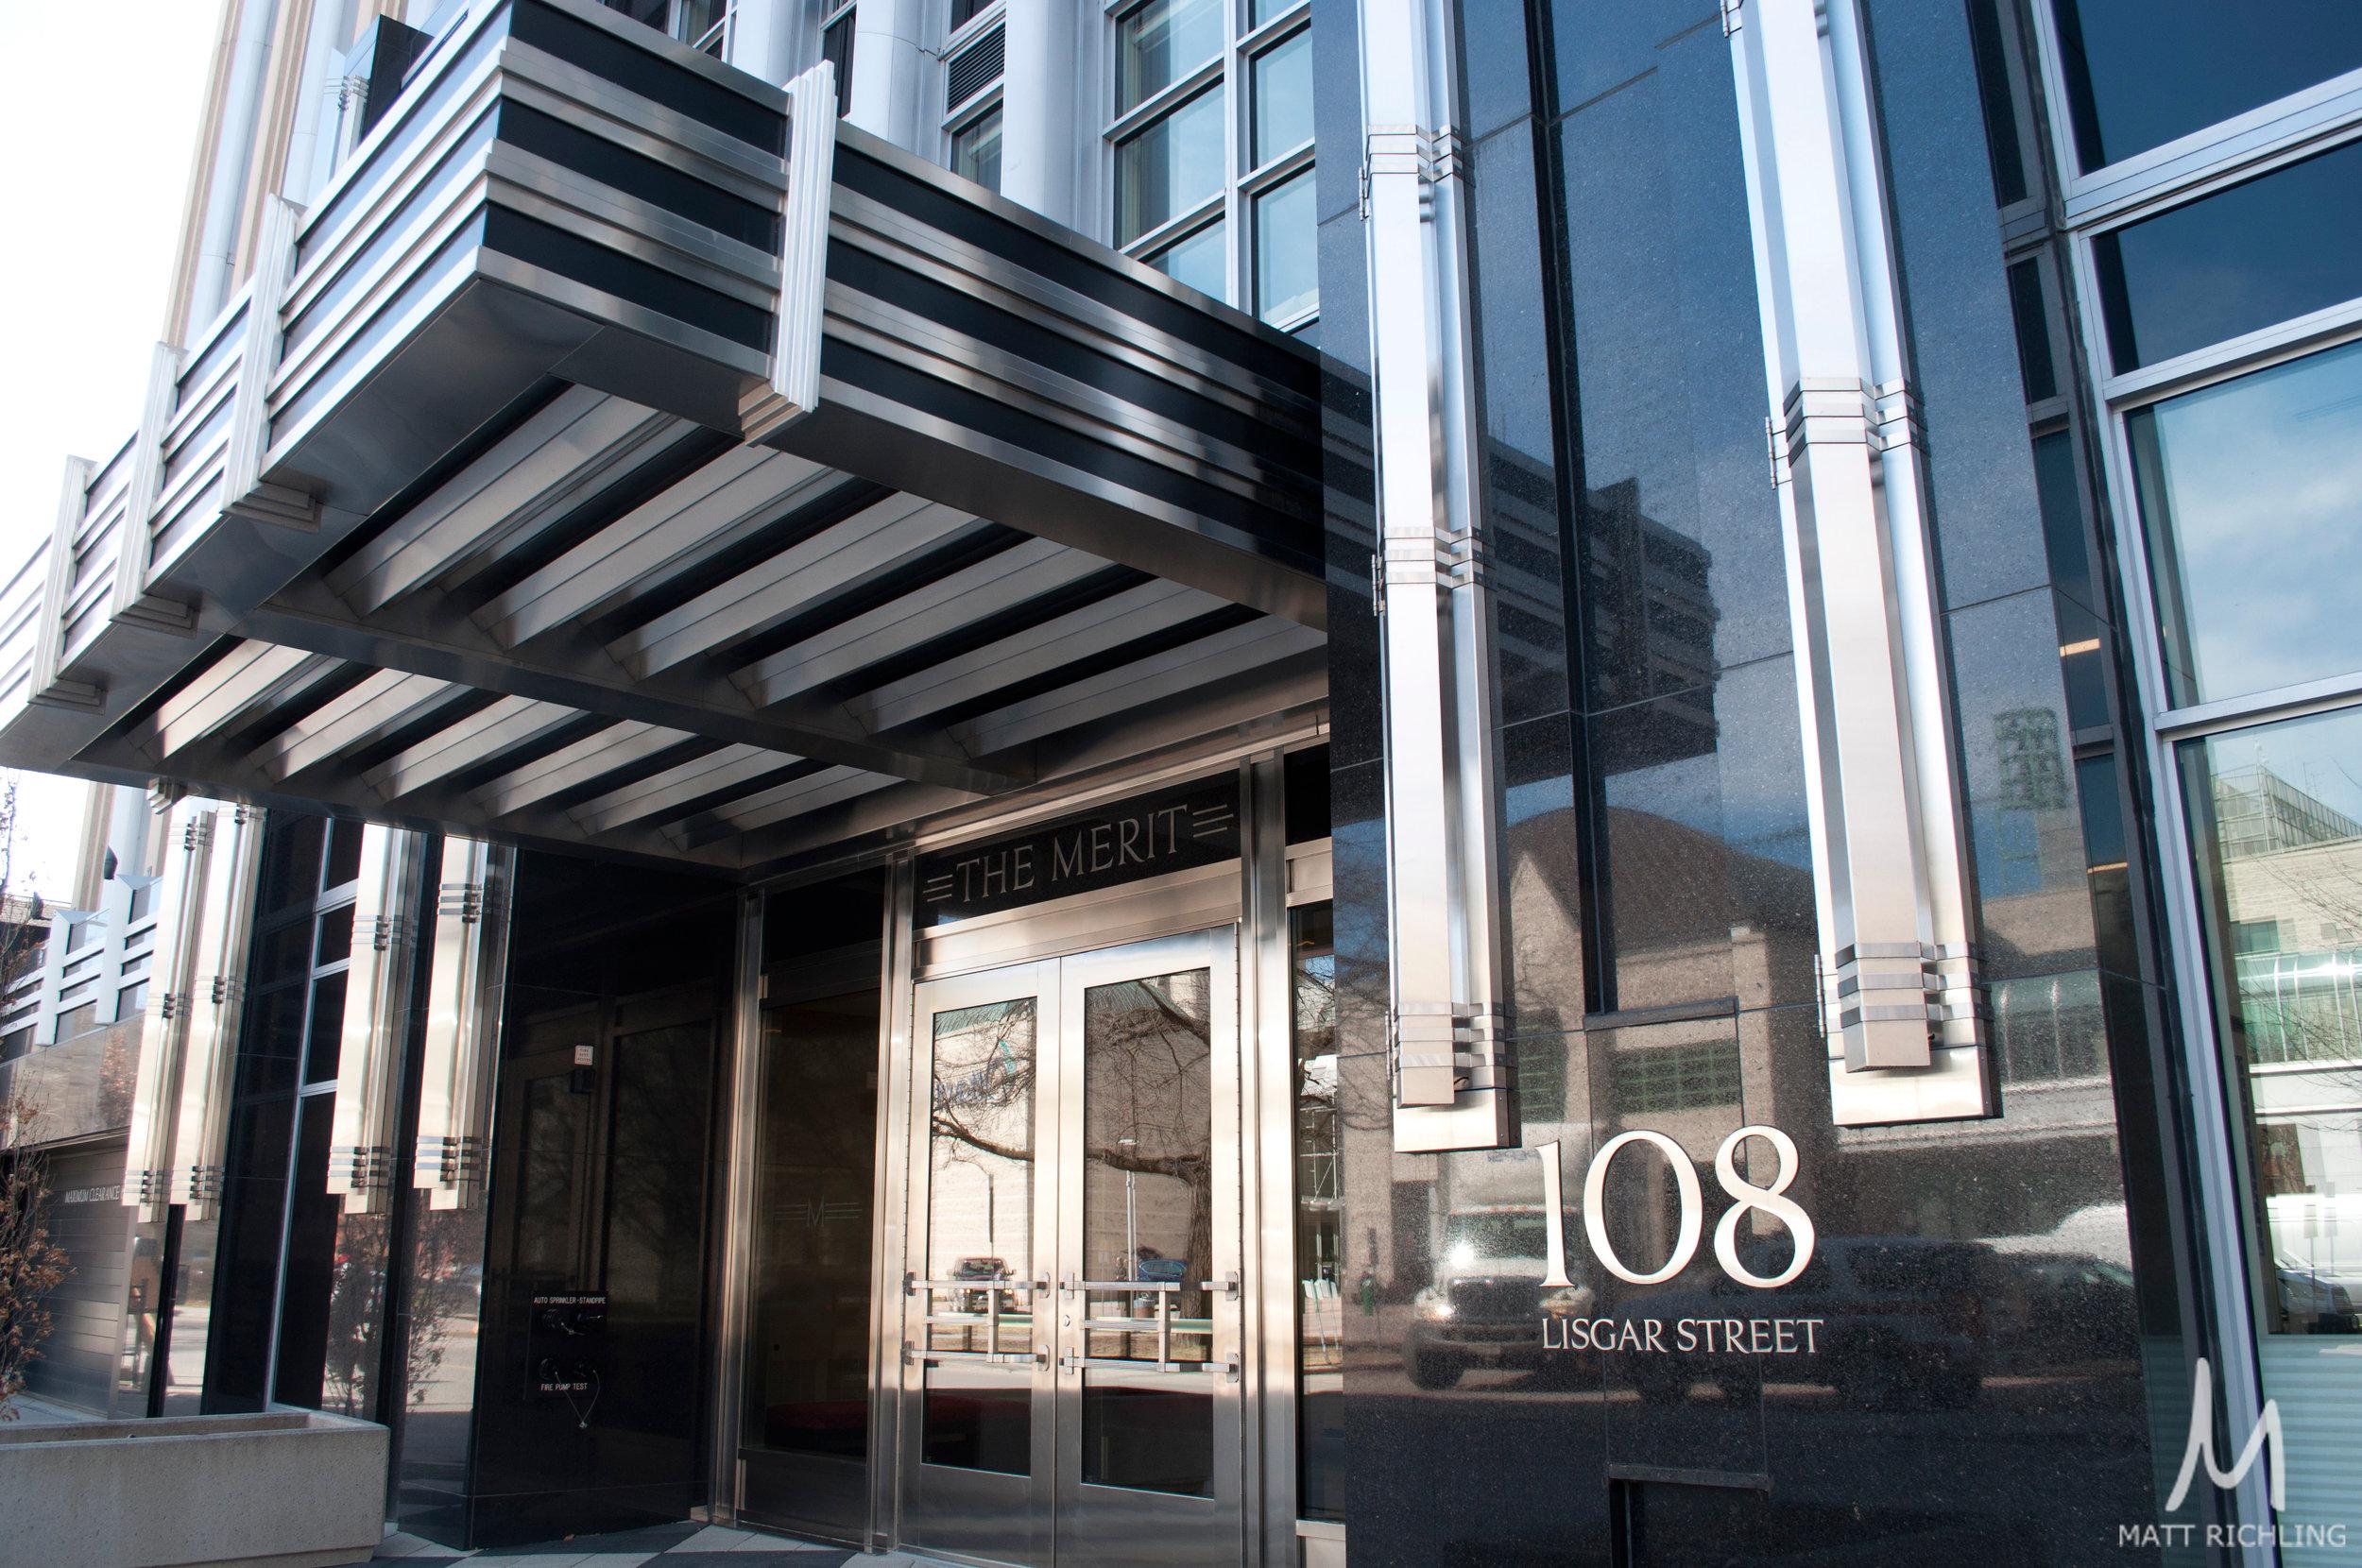 The Merit - 108 Lisgar Street